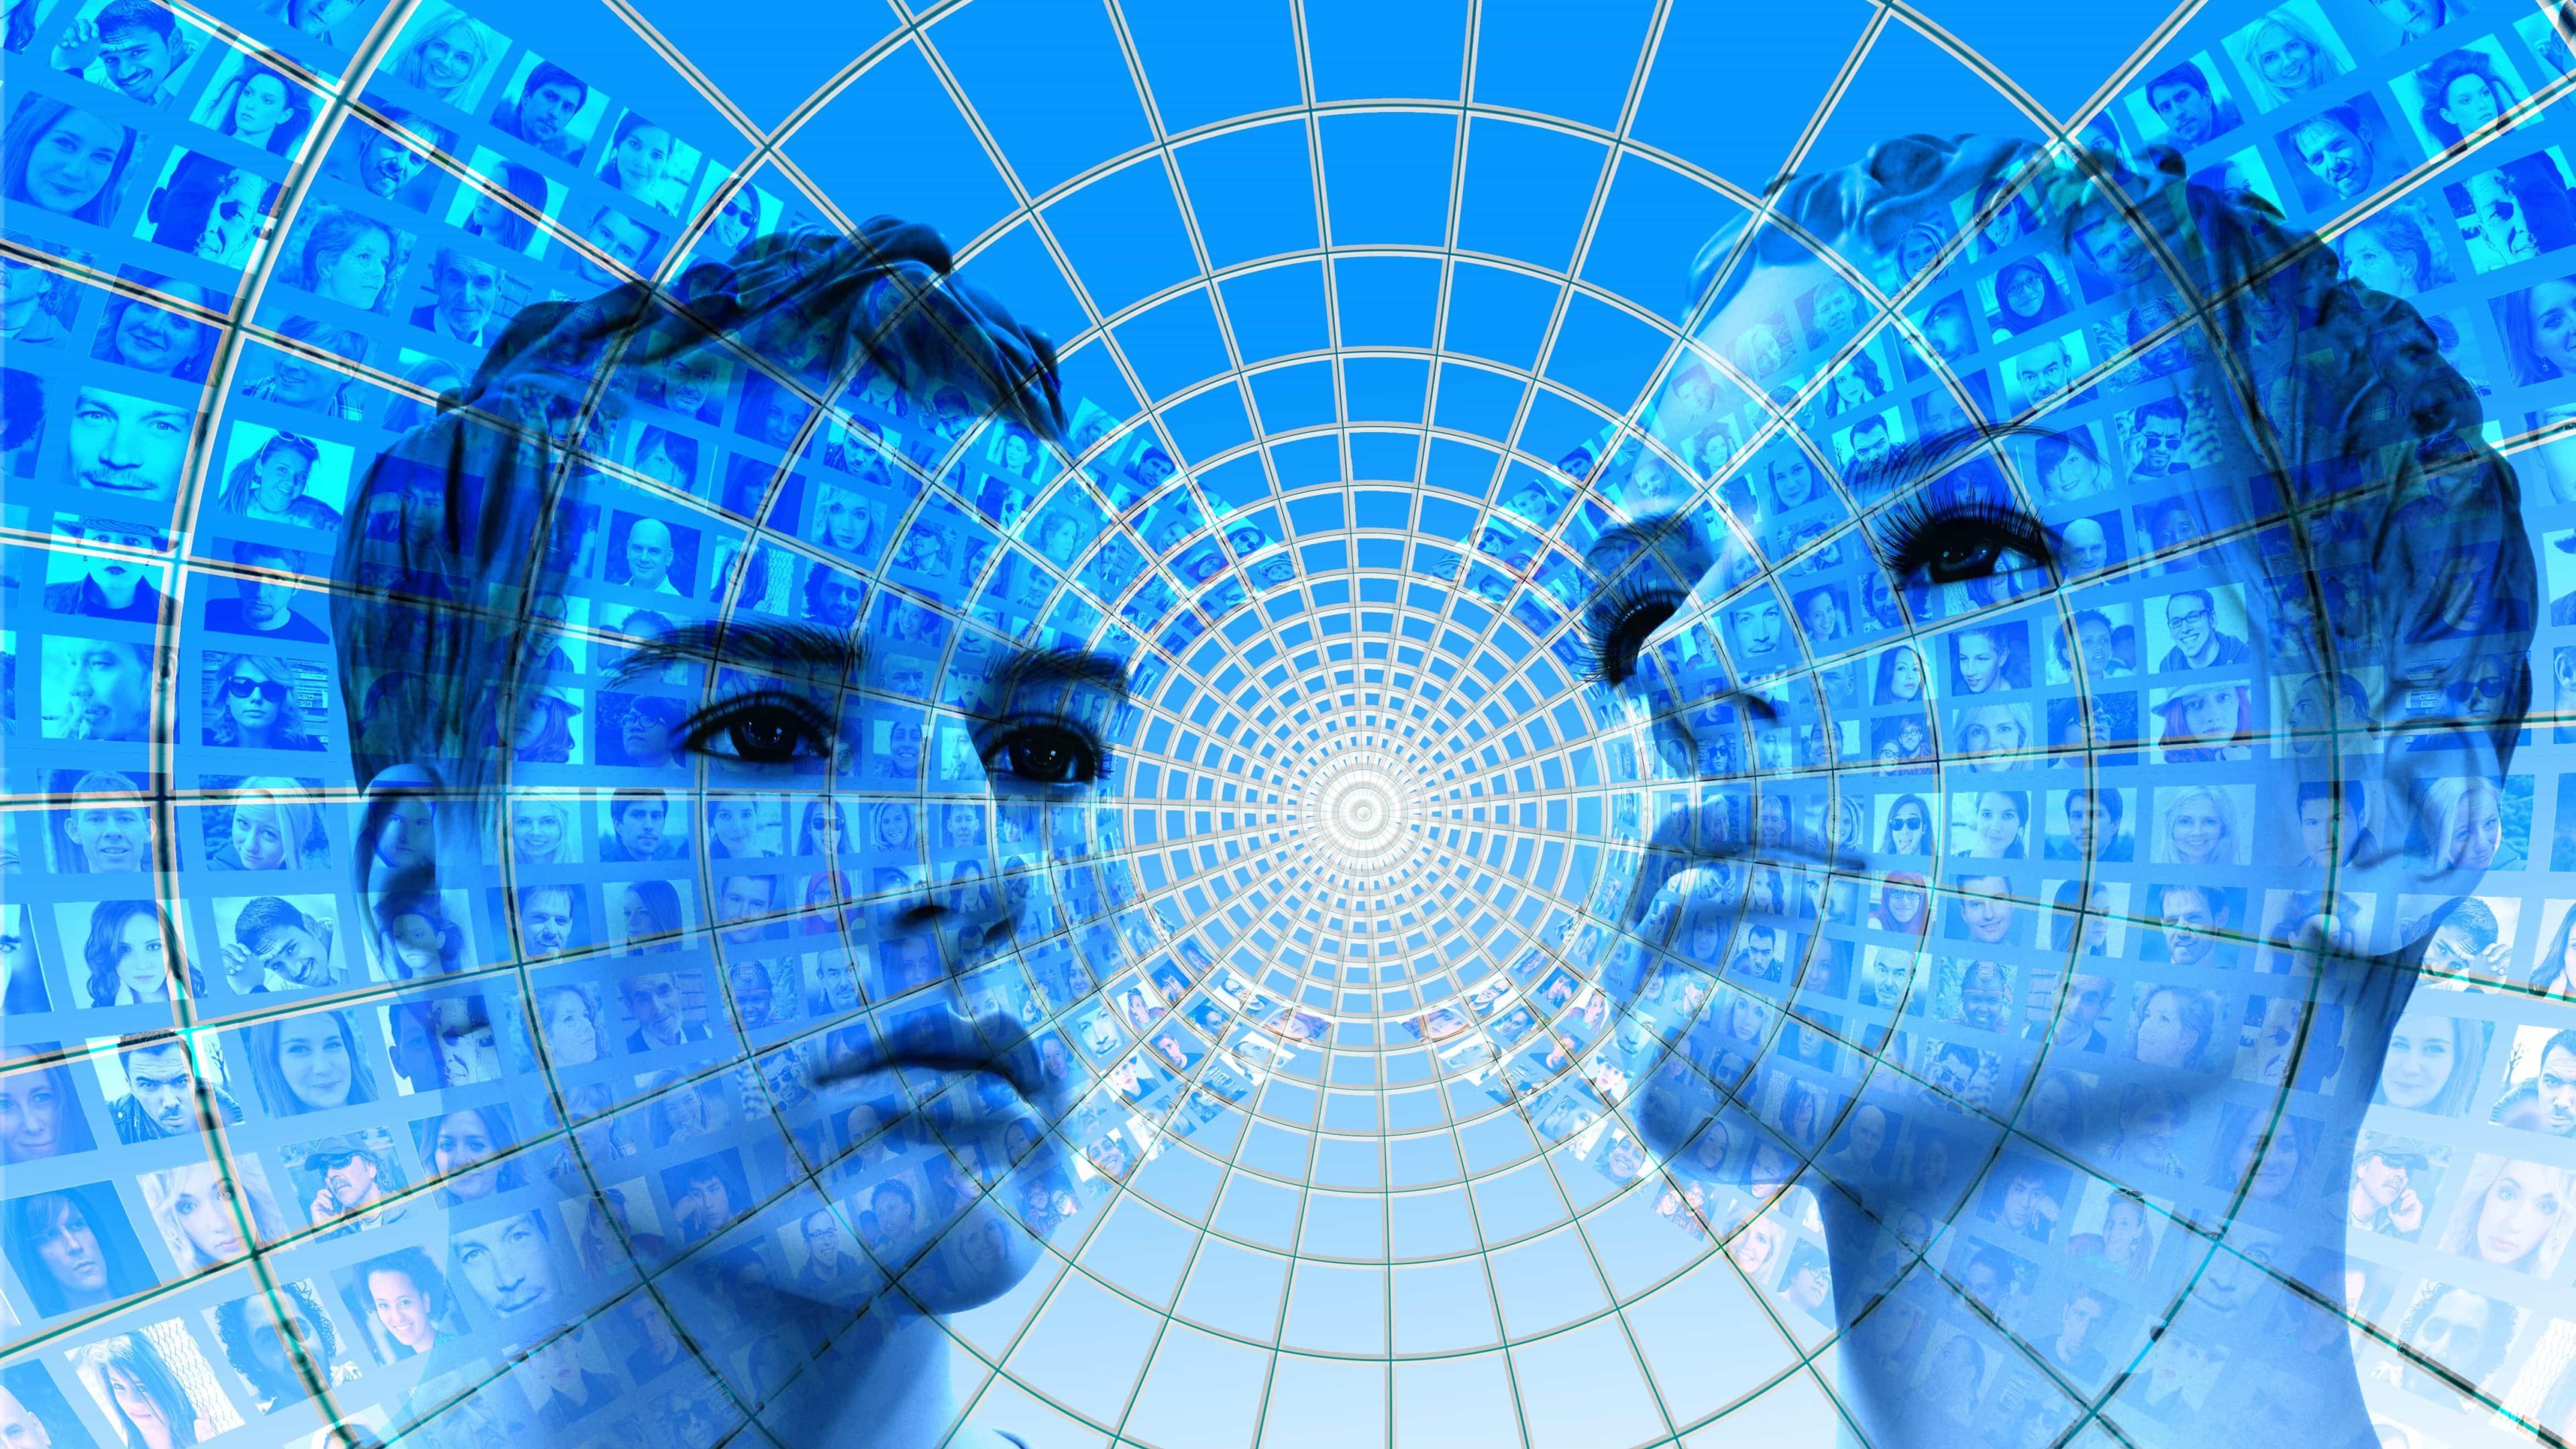 Ученые нашли новые принципиальные отличия в мозге мужчин и женщин